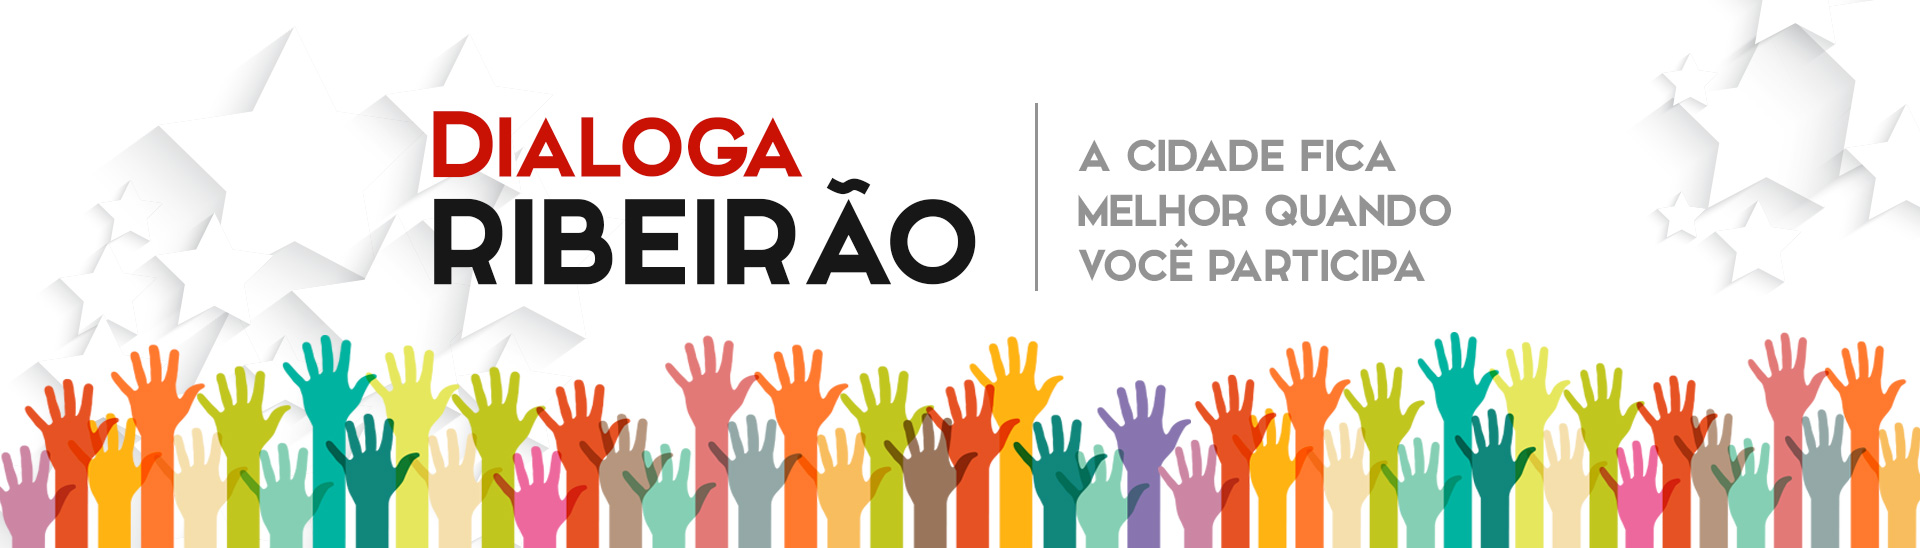 Dialoga Ribeirão